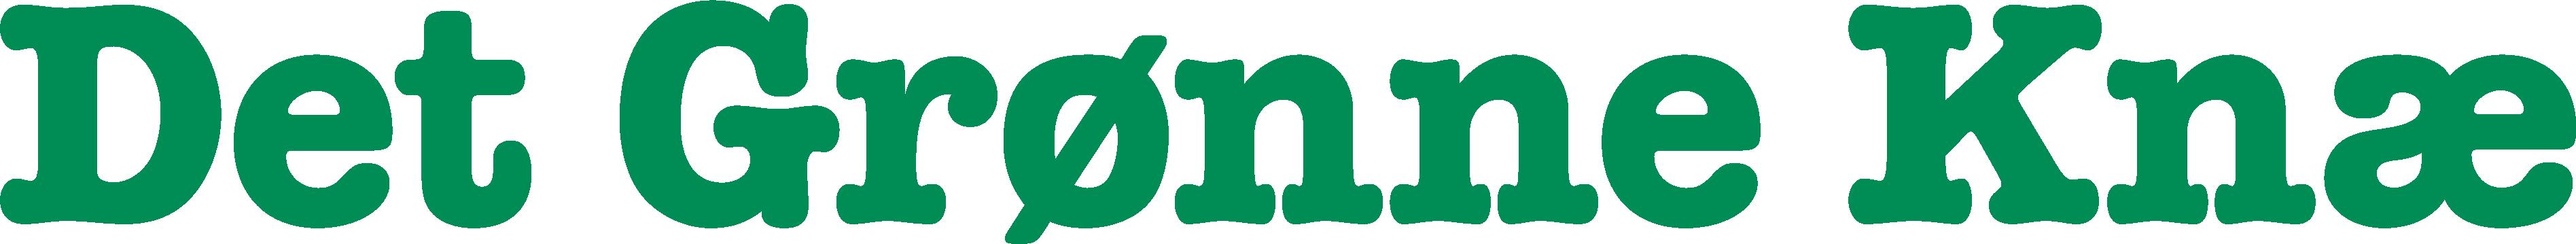 Det Grønne Knæ